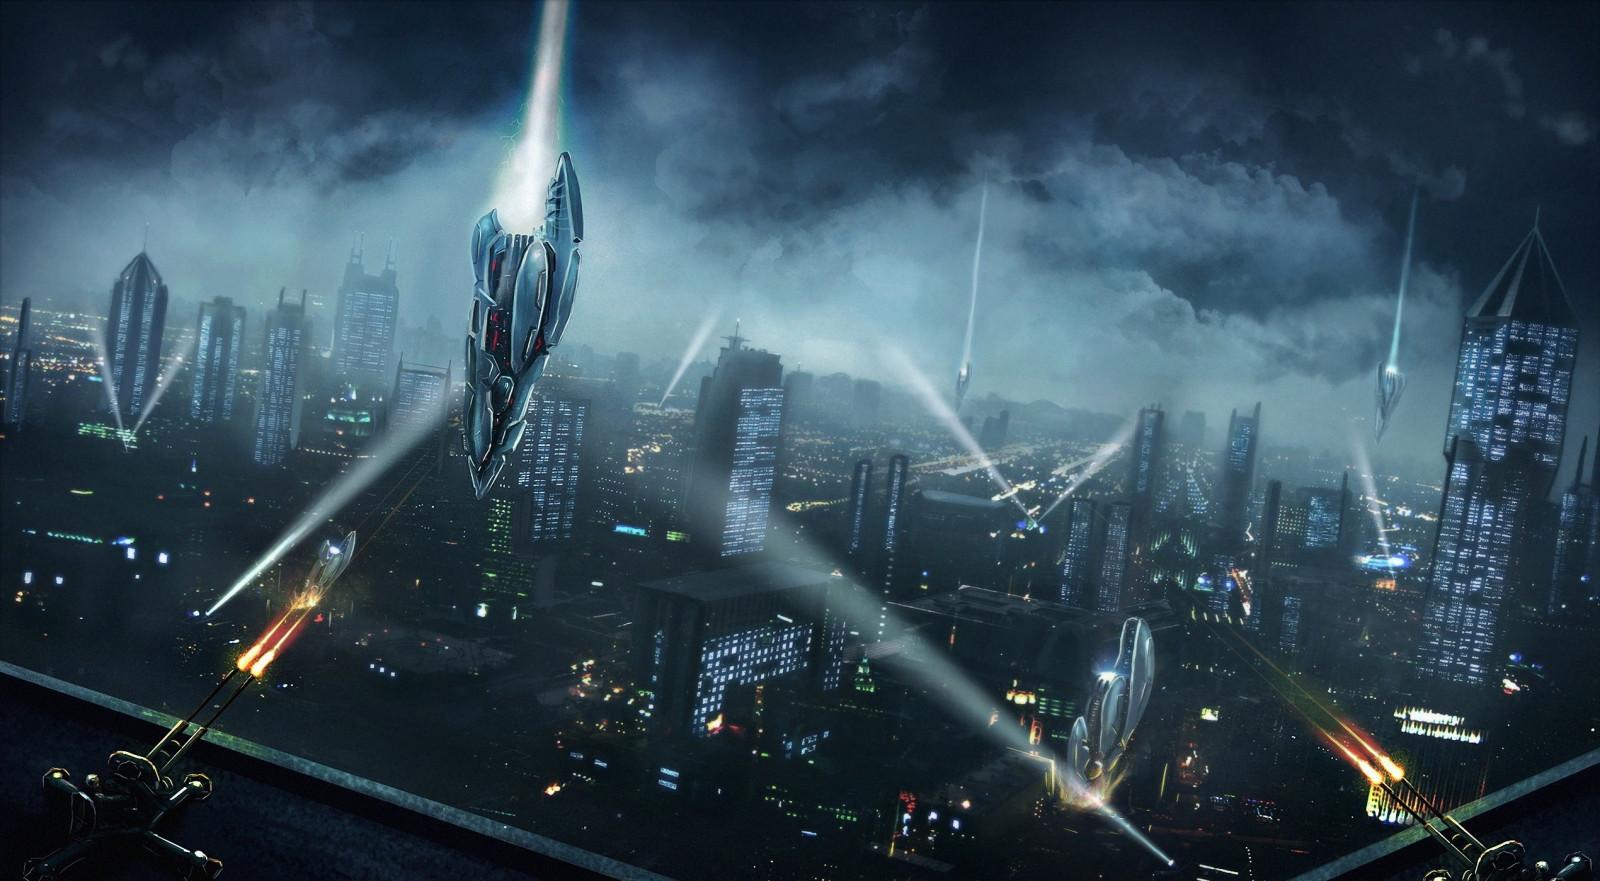 cityscapes futuristic wallpaper 1900x1041 - photo #11